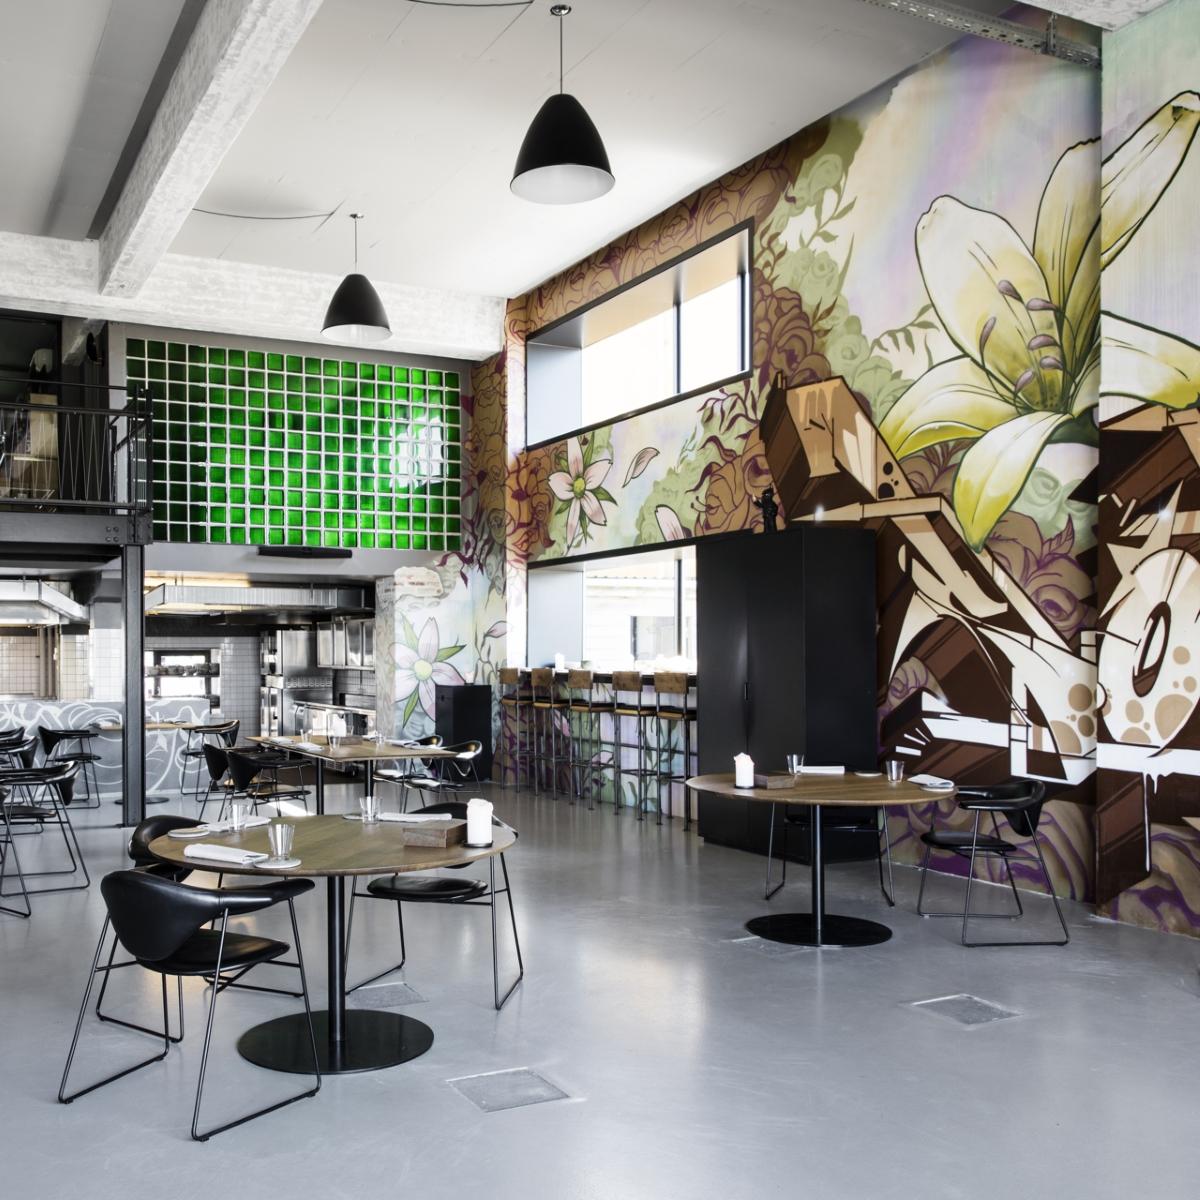 Amass_Restaurant Kopenhagen_Interieur 2